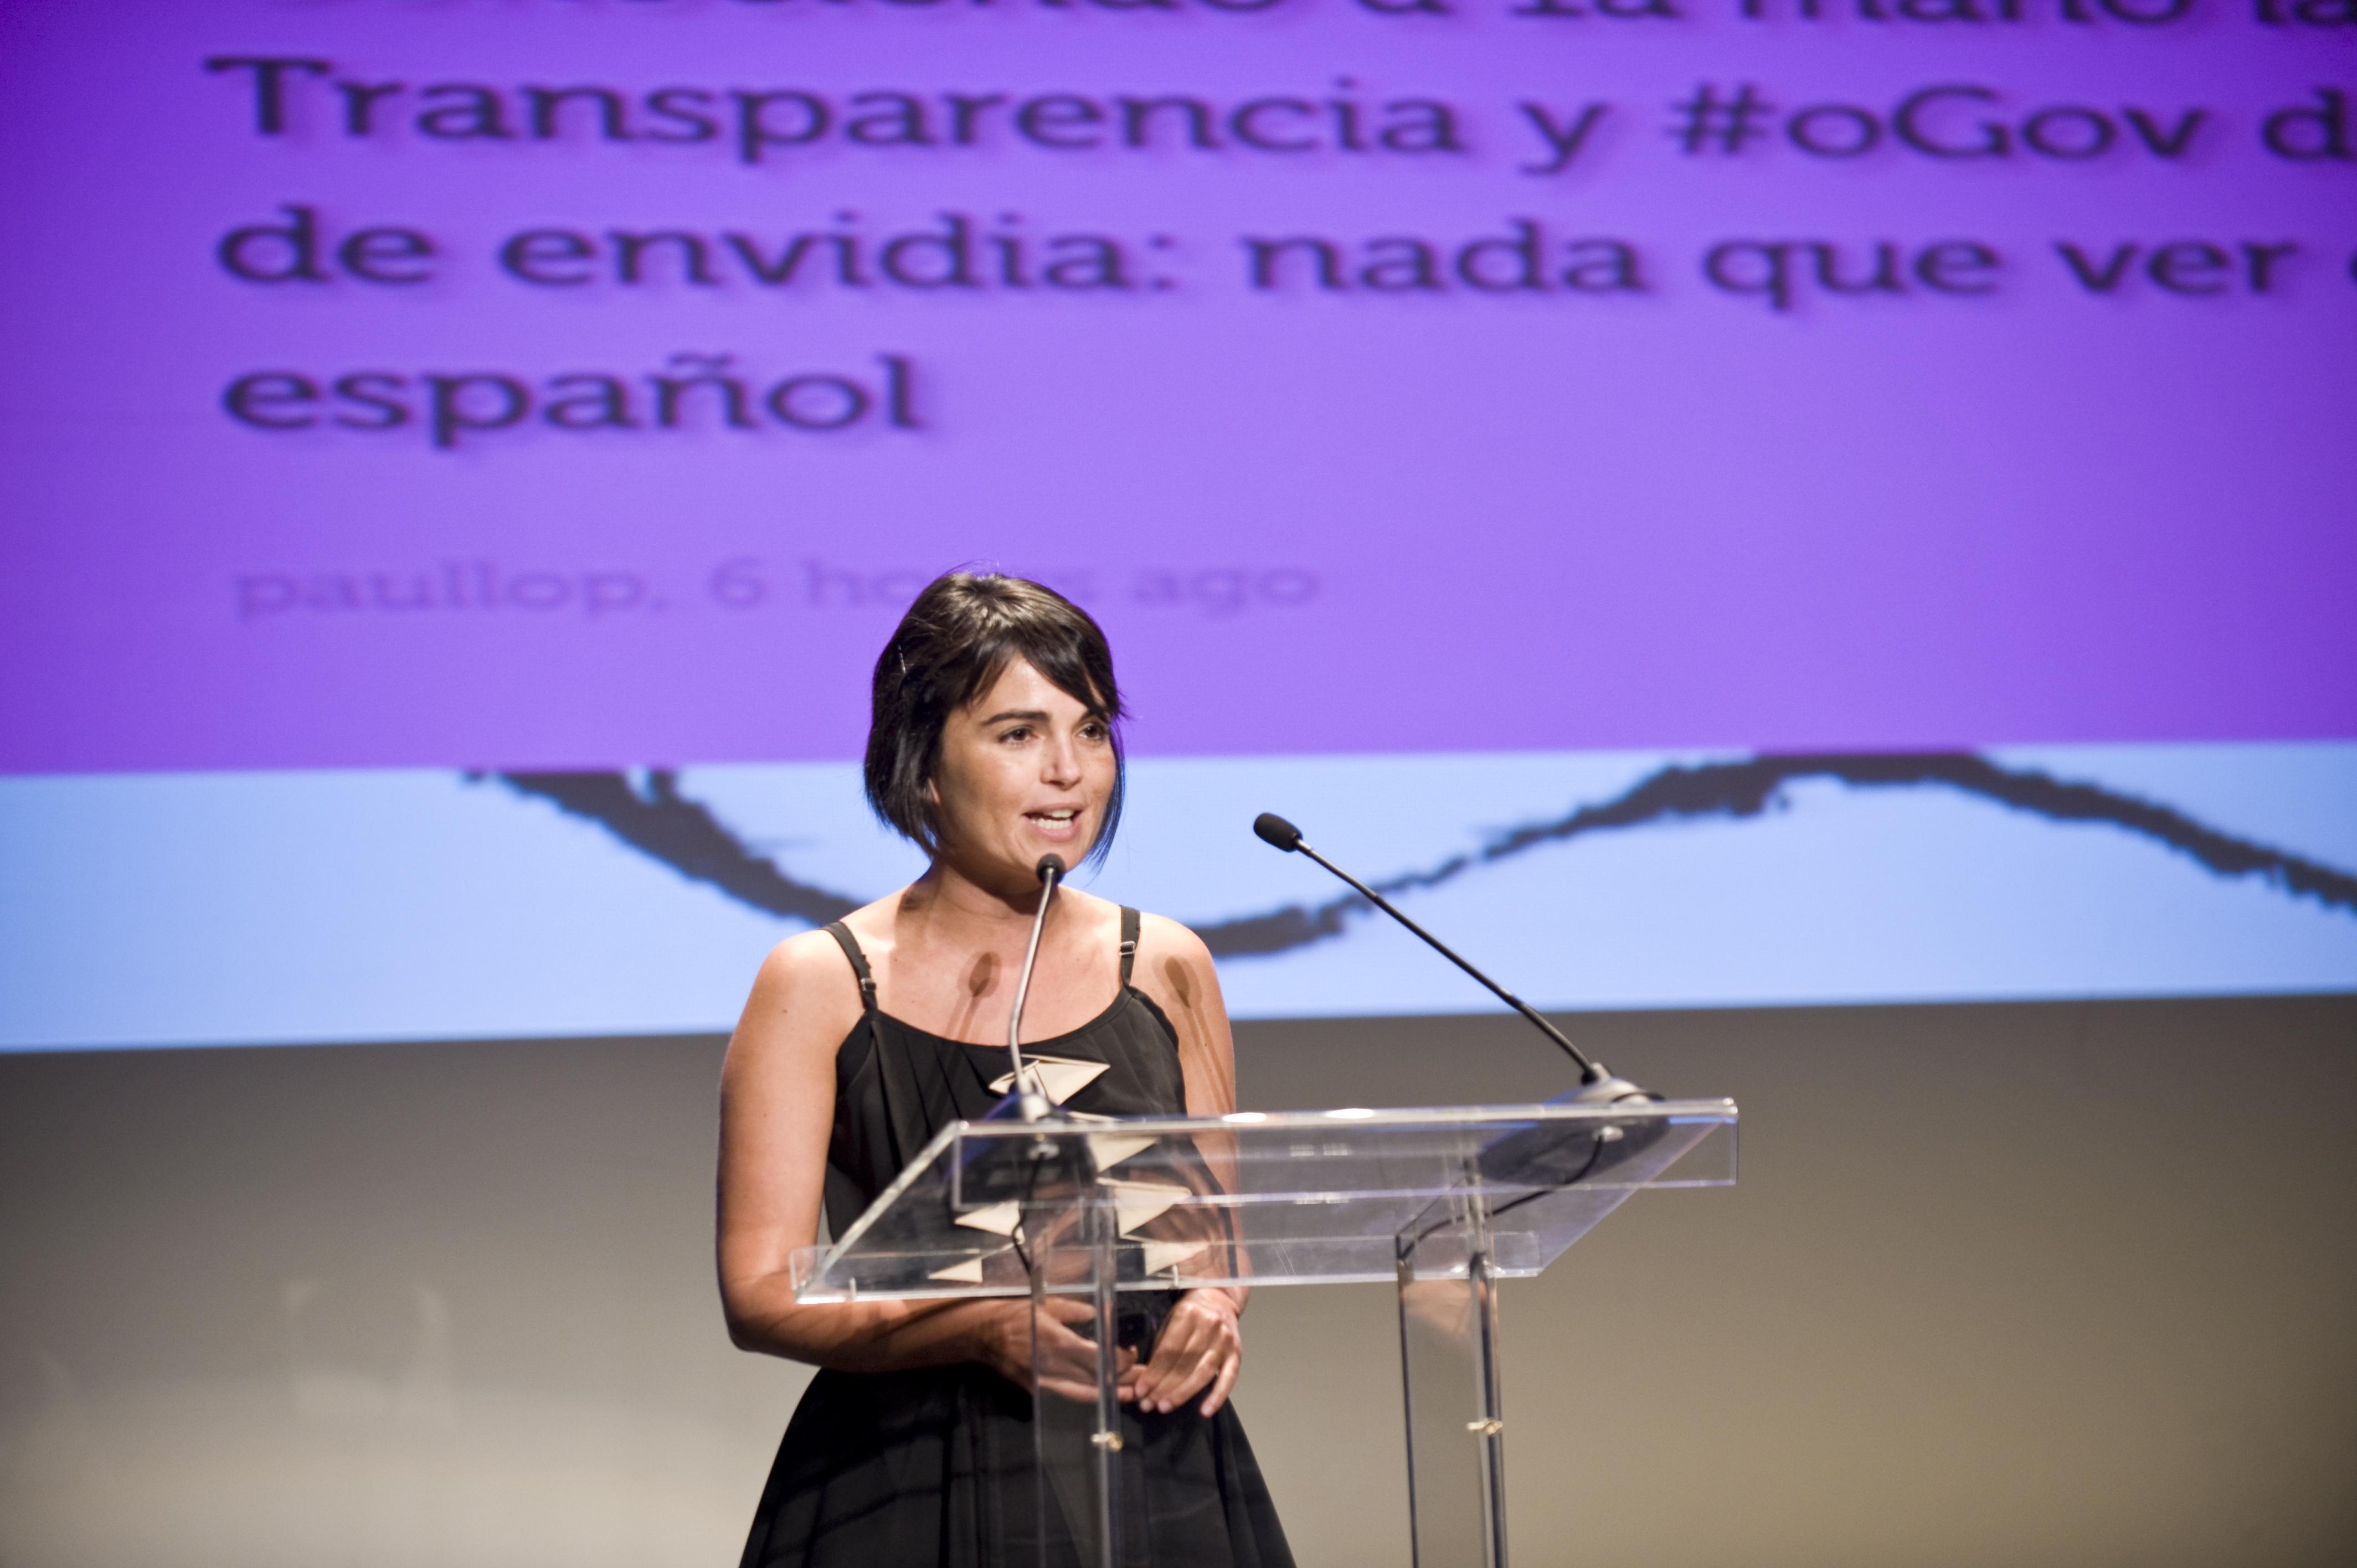 2012_06_27_lehen_transparencia_027.jpg